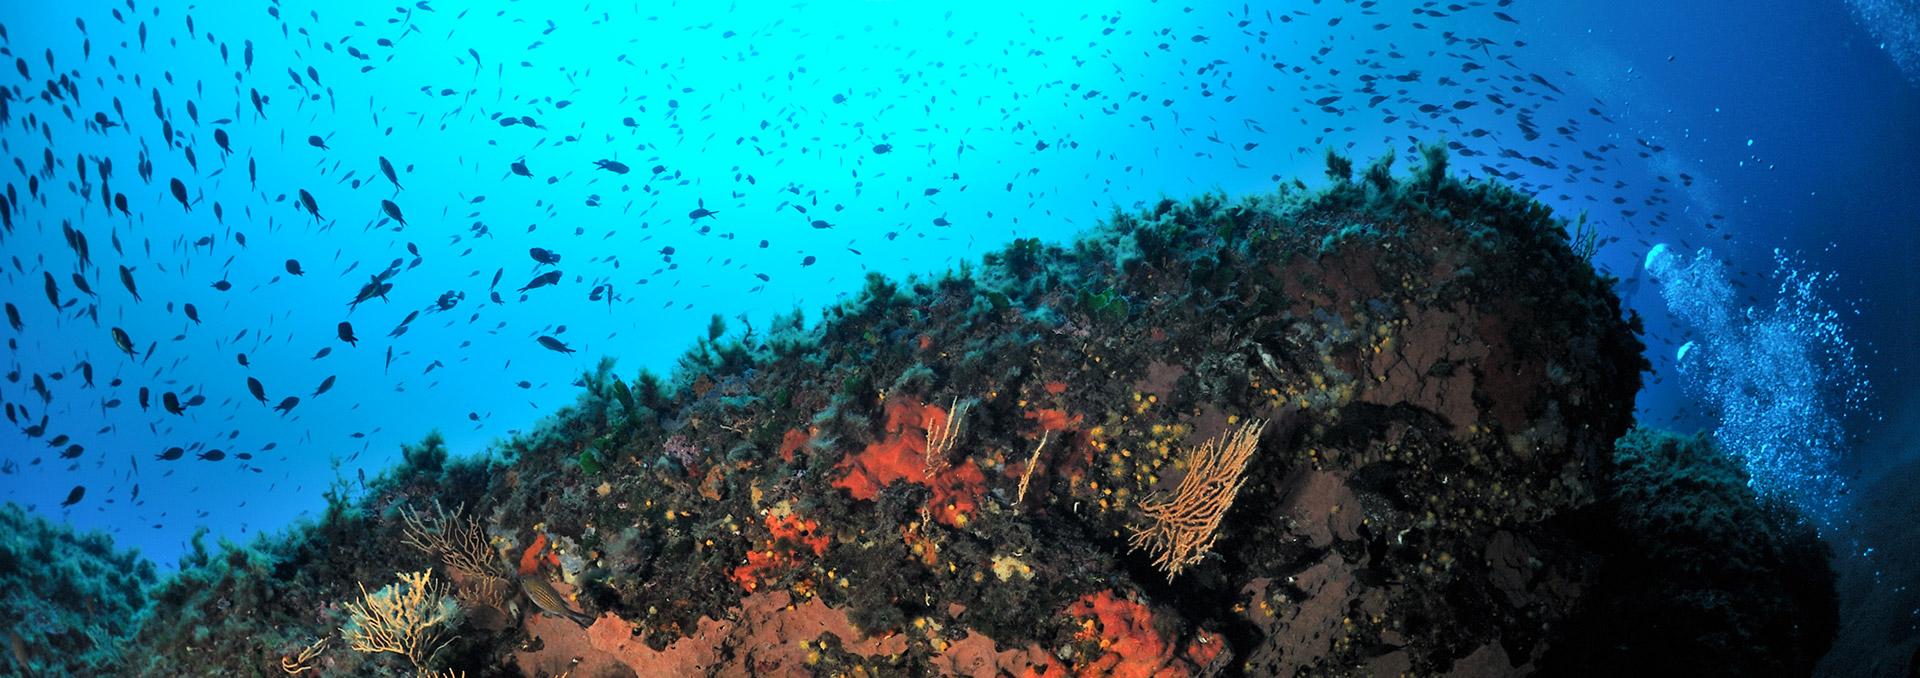 percorsi-subacquei-porticello